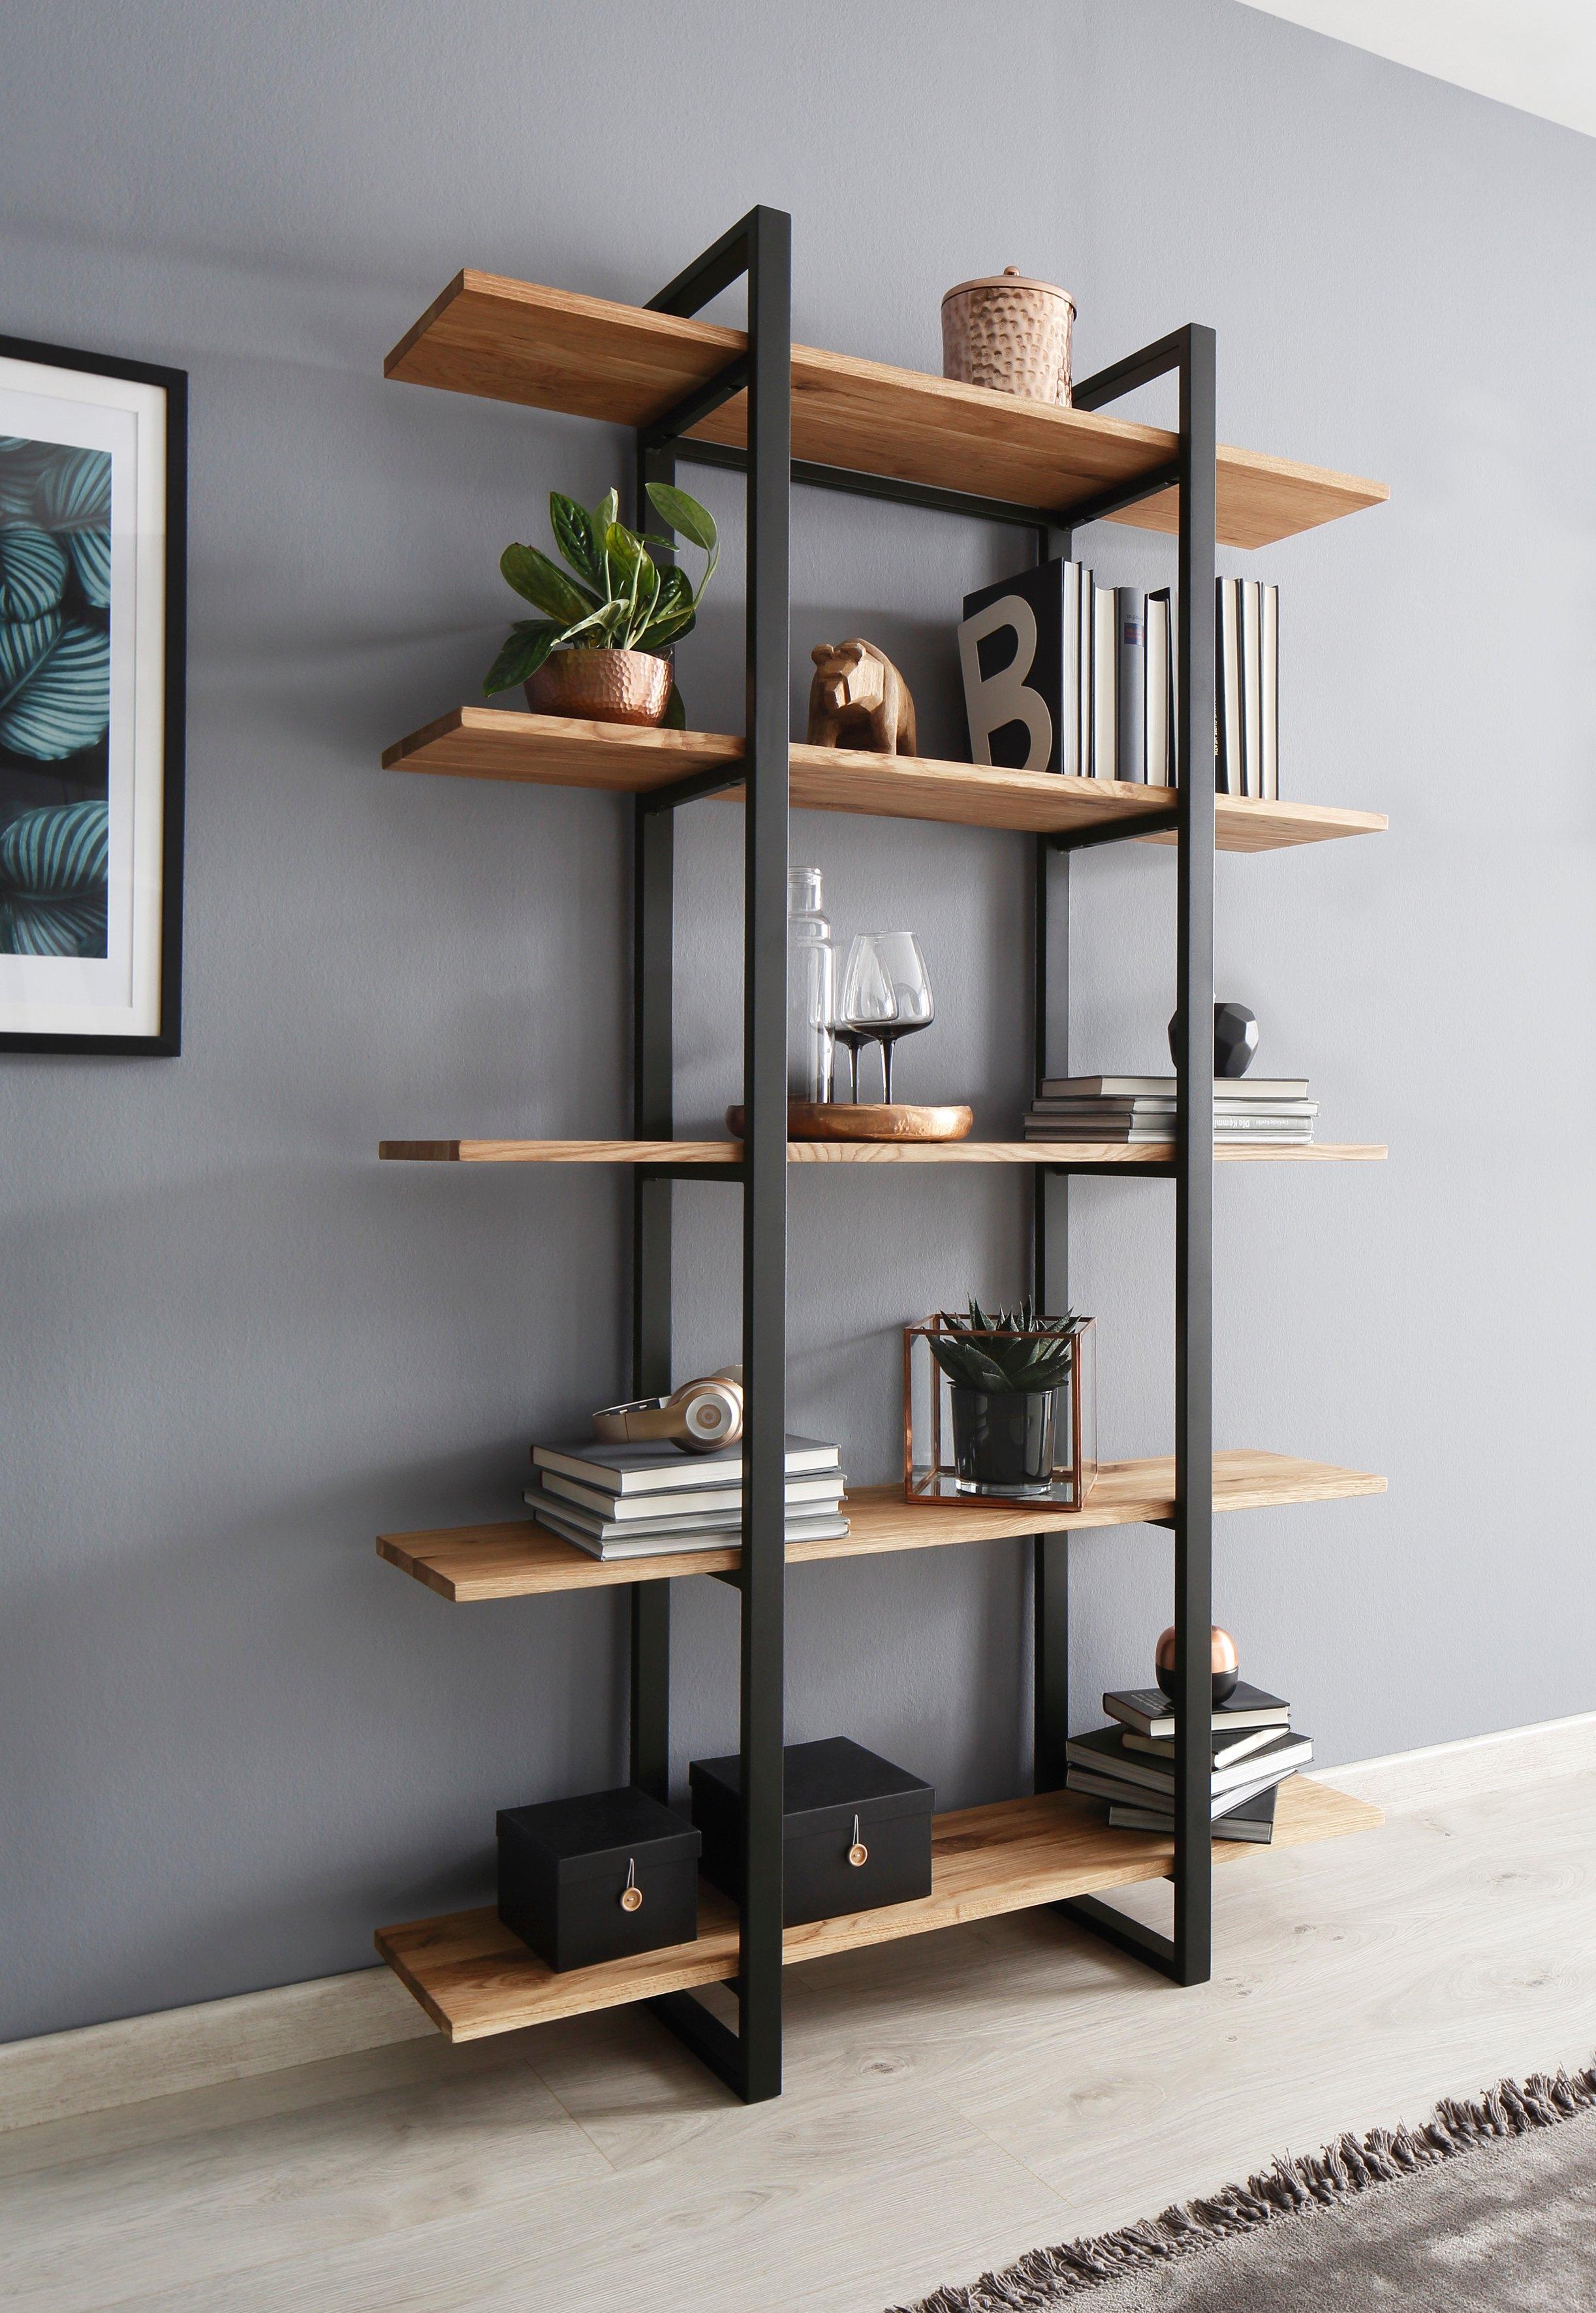 Premium collection by Home affaire rek Krystian voordelig en veilig online kopen